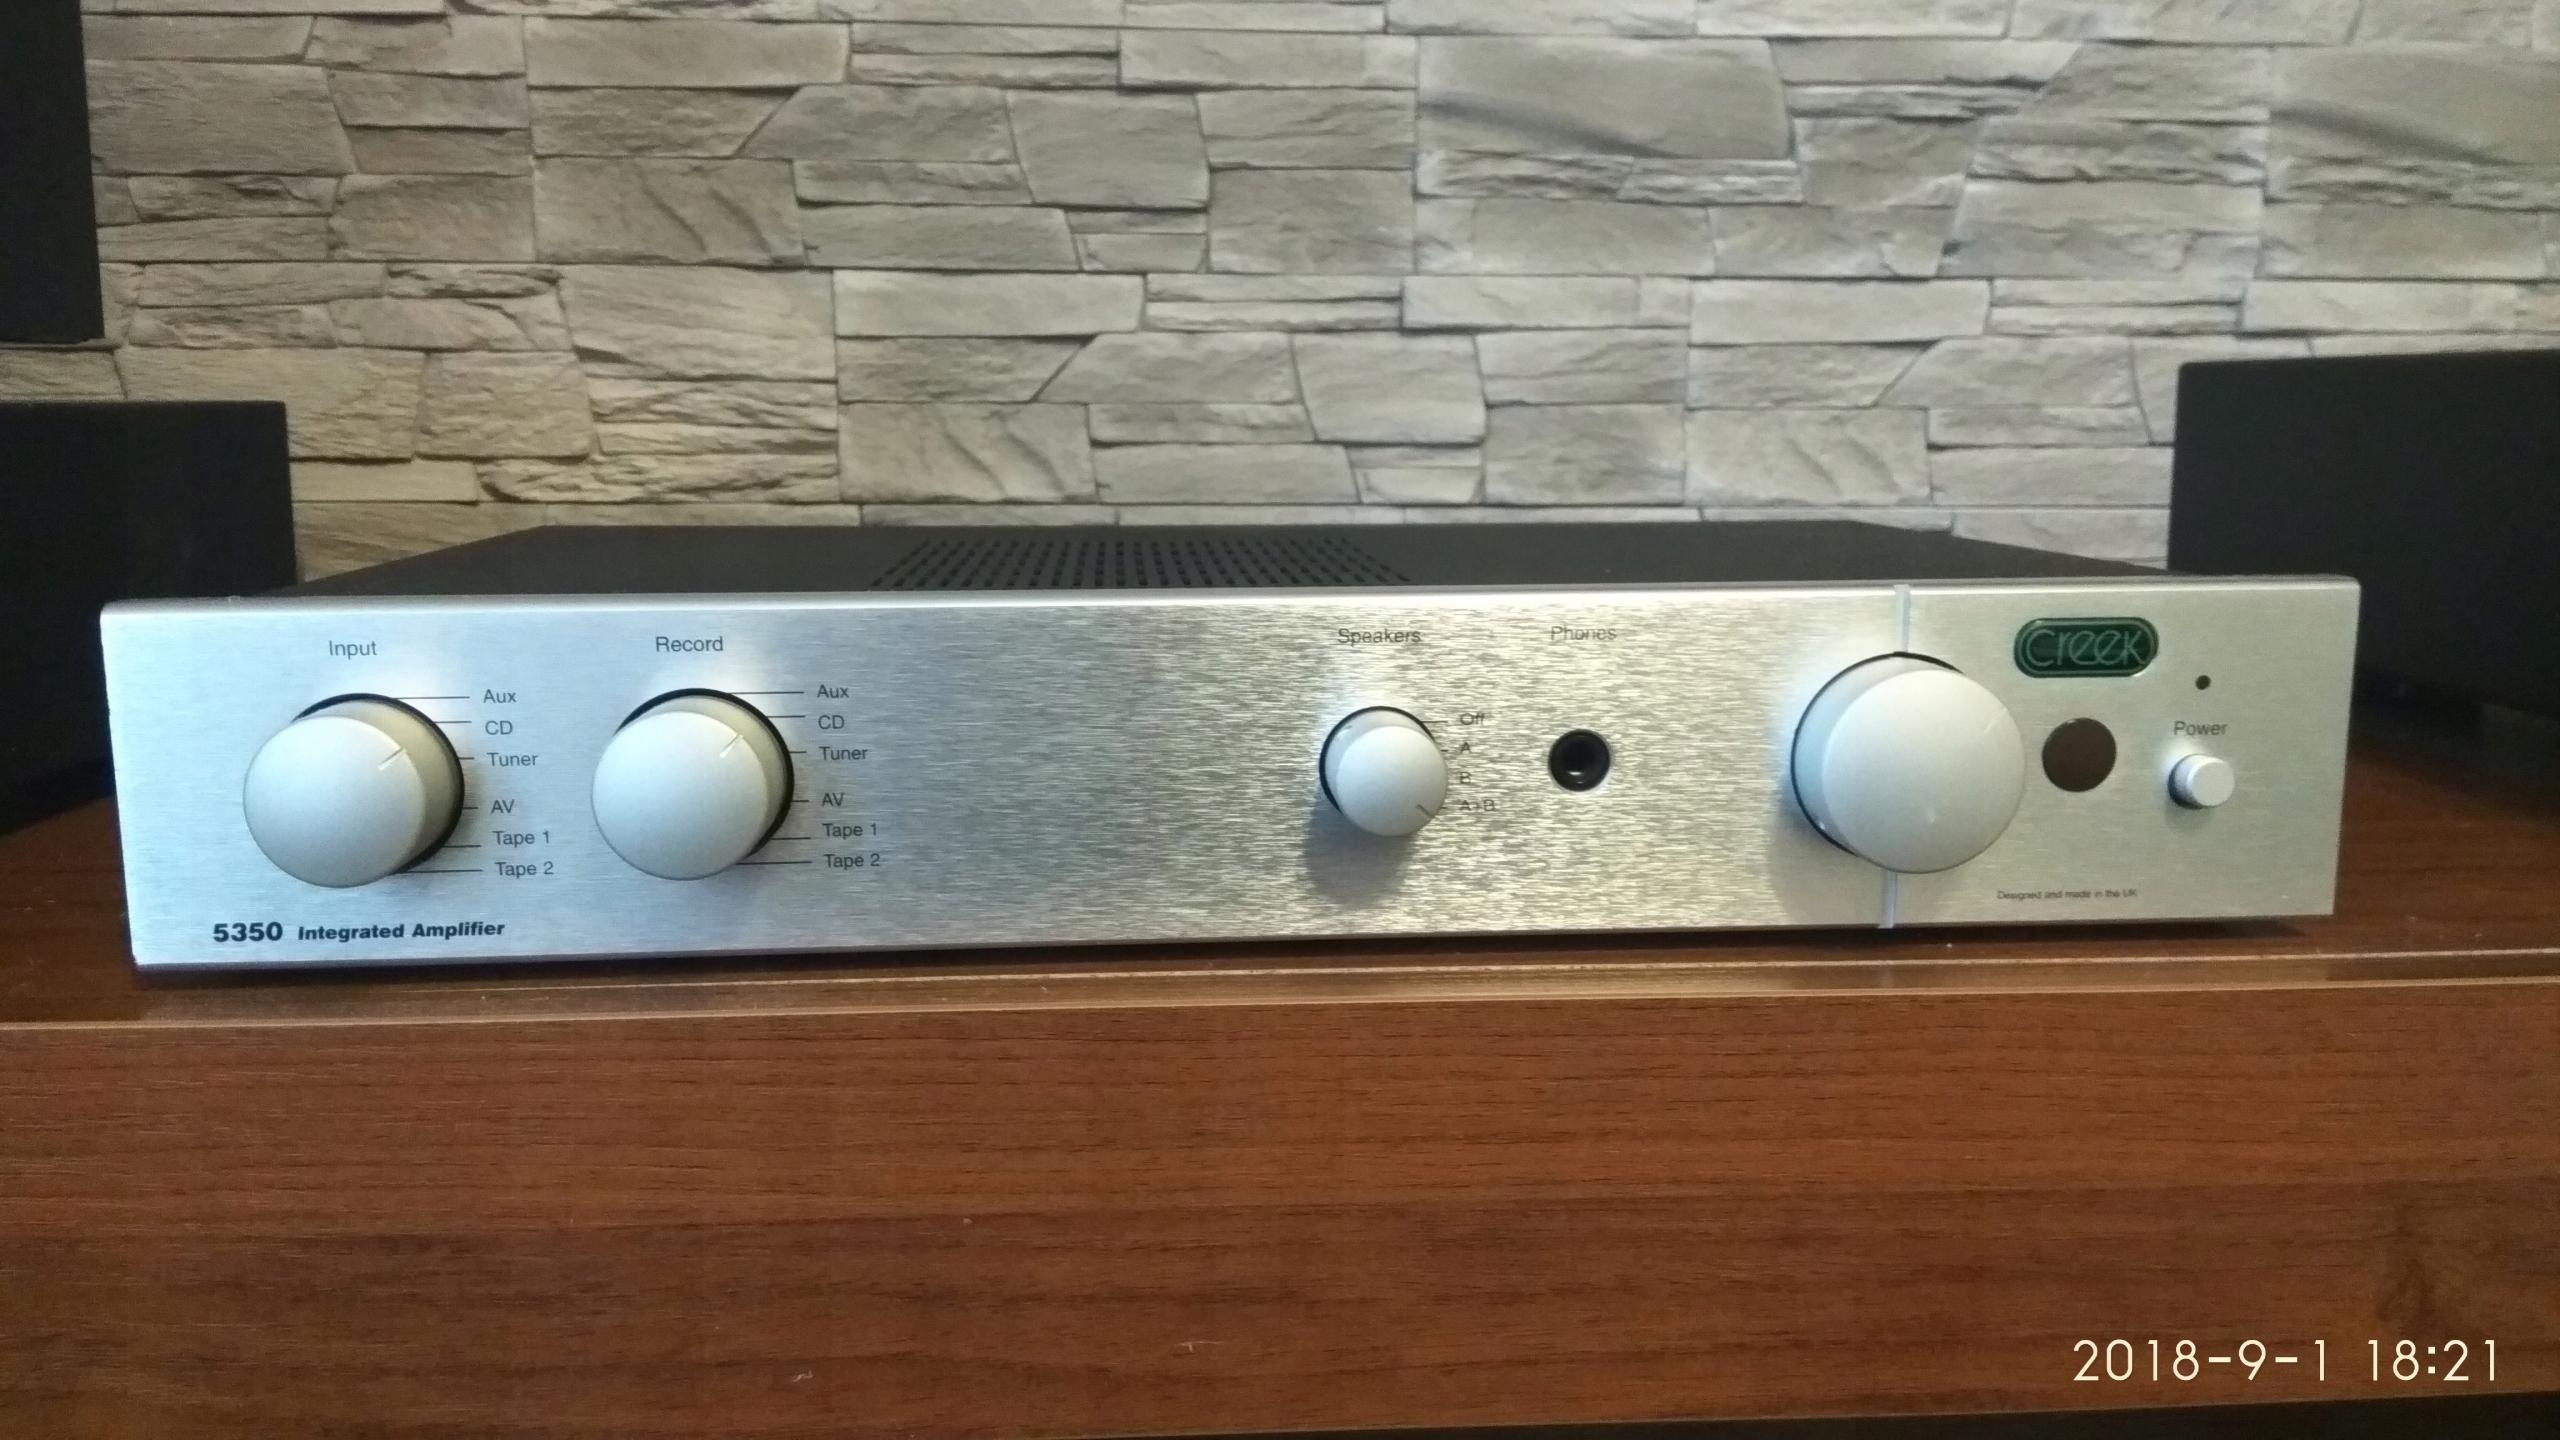 Creek 5350 audiofilski  Prawdziwy Hi-end! Idealny!